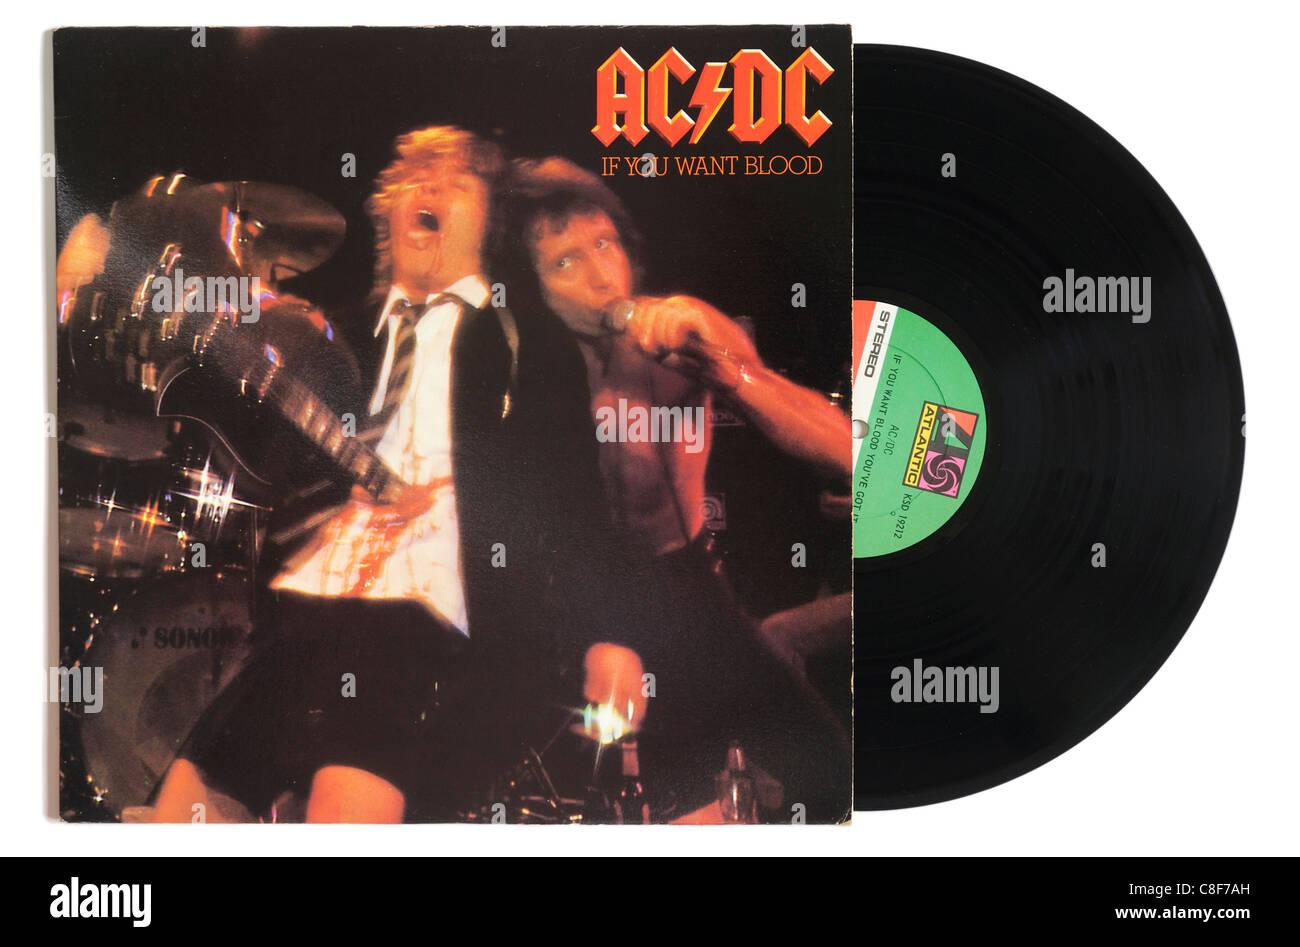 Wenn Sie wollen Blut-AC/DC-album Stockbild